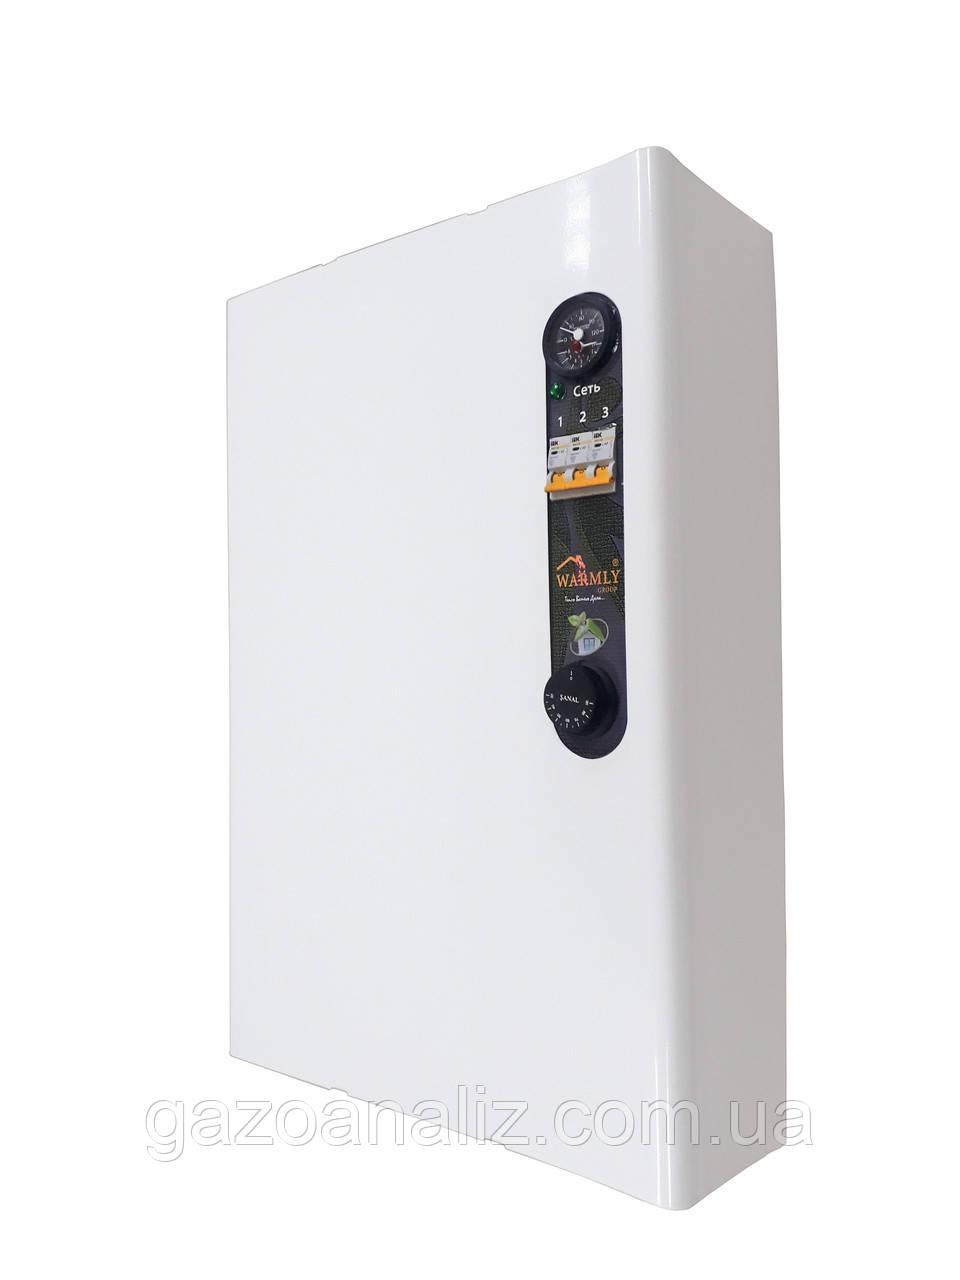 Электрокотел Warmly PRO 9 кВт 220/380в. Модульный контактор (т.х)